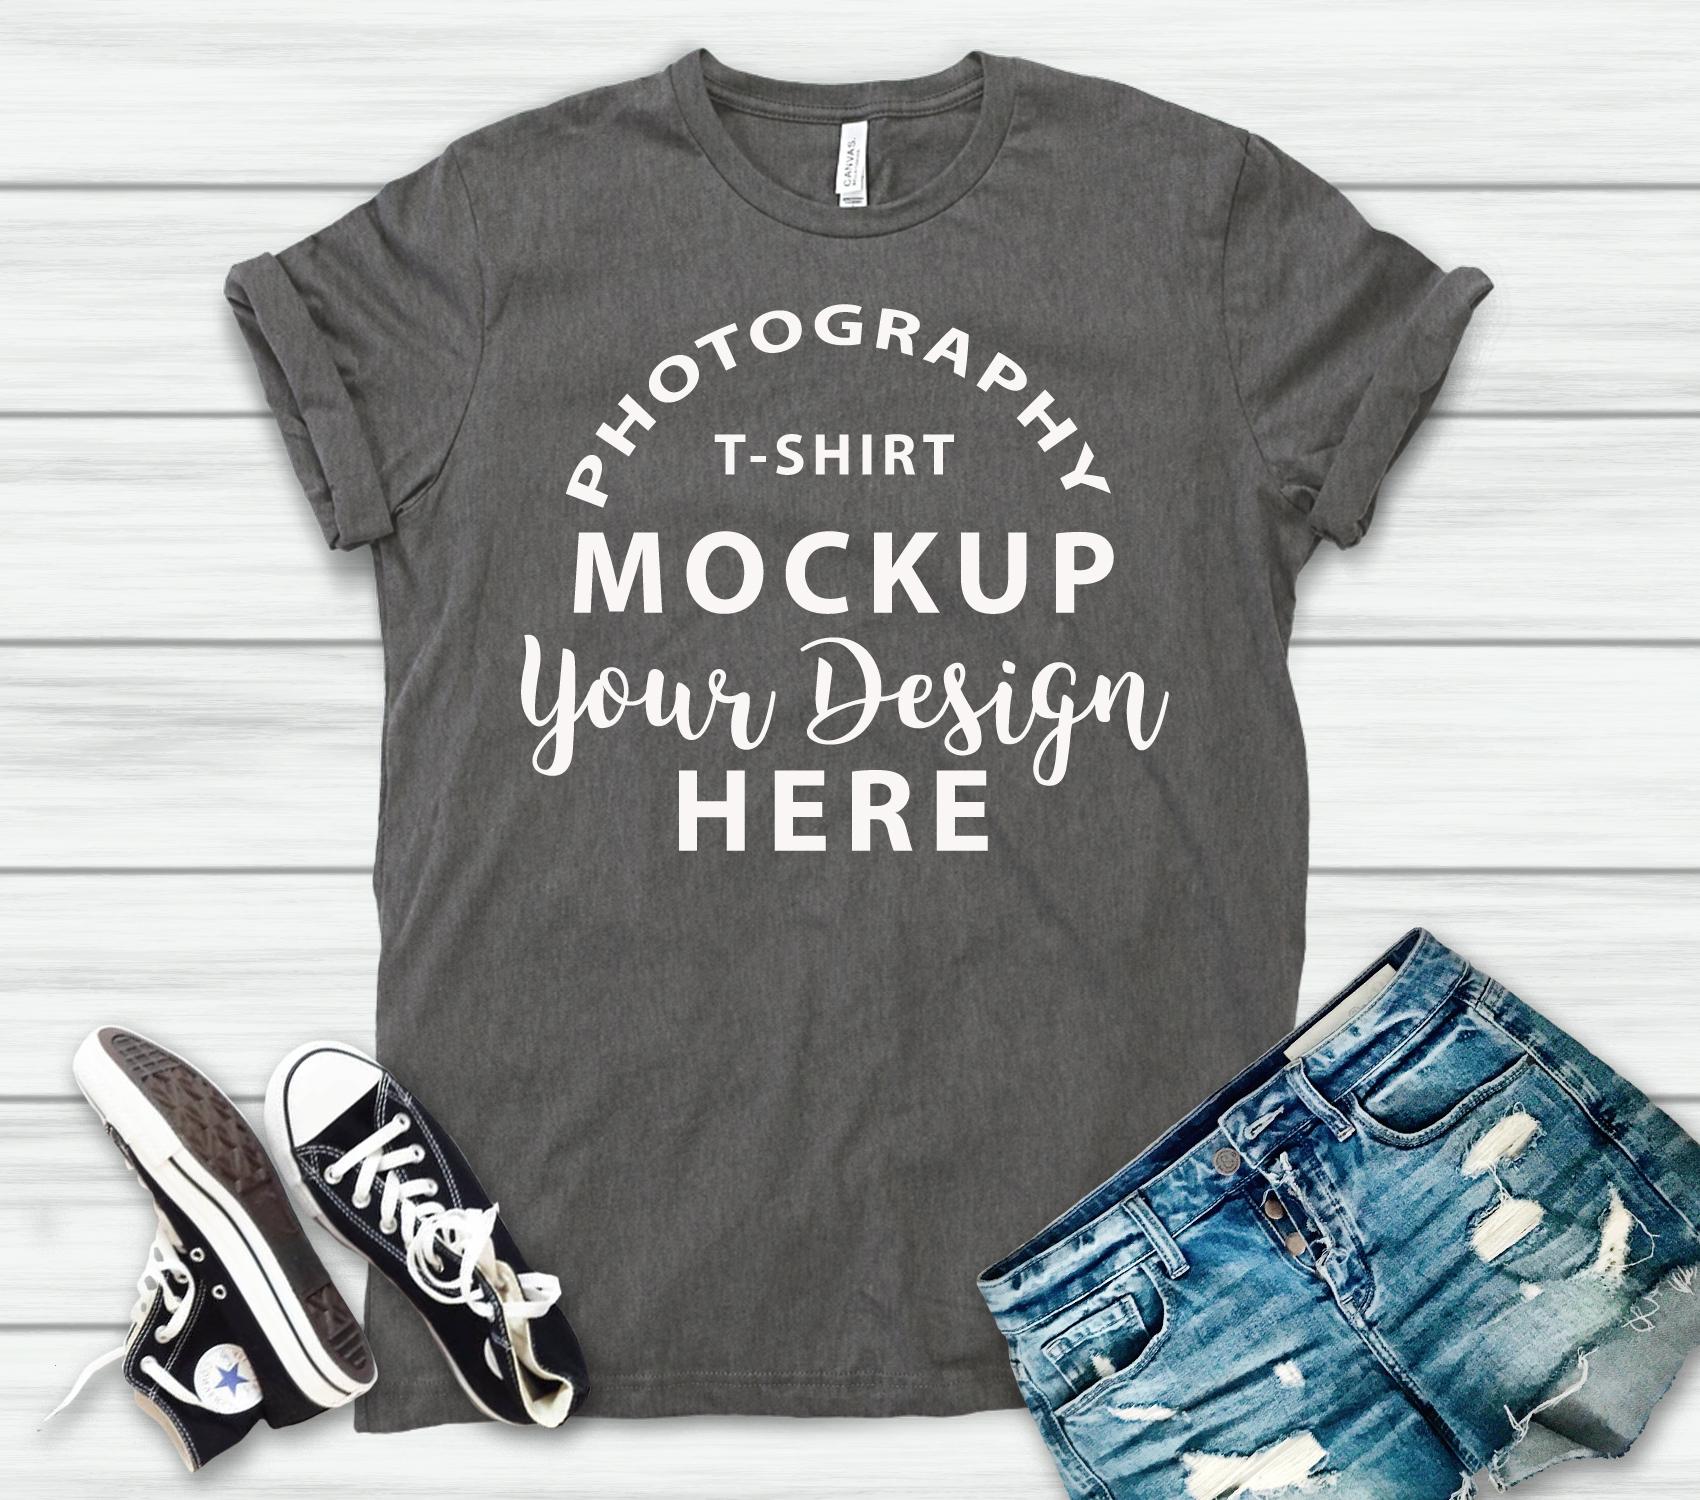 Bella Canvas 3001 T-shirt mock-up, color ASPHALT example image 2